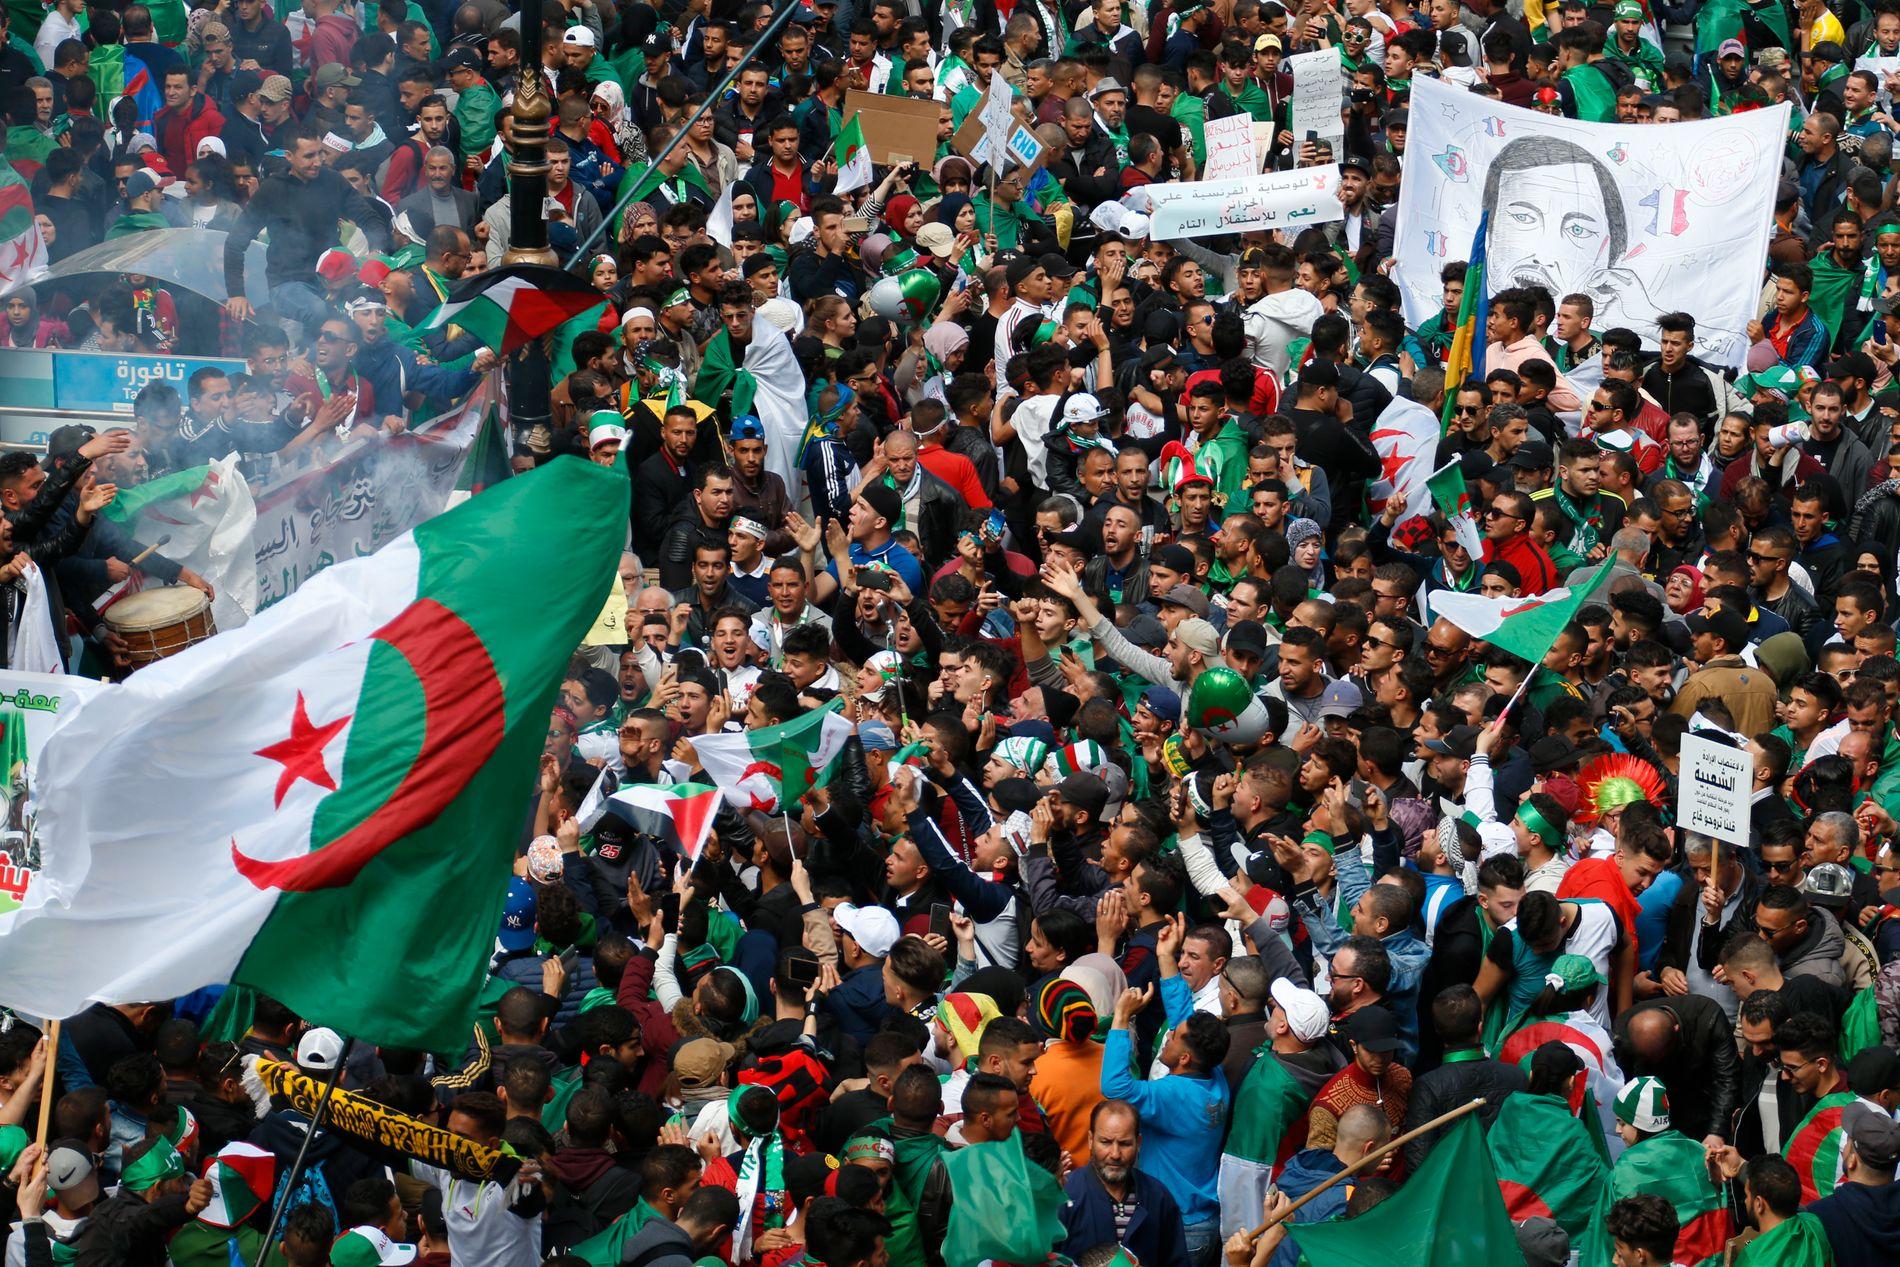 ALGERIE: – Avgangen til Bouteflika er mest symbolsk. Men symbolsigrar gir håp, skriv Morten Myksvoll.